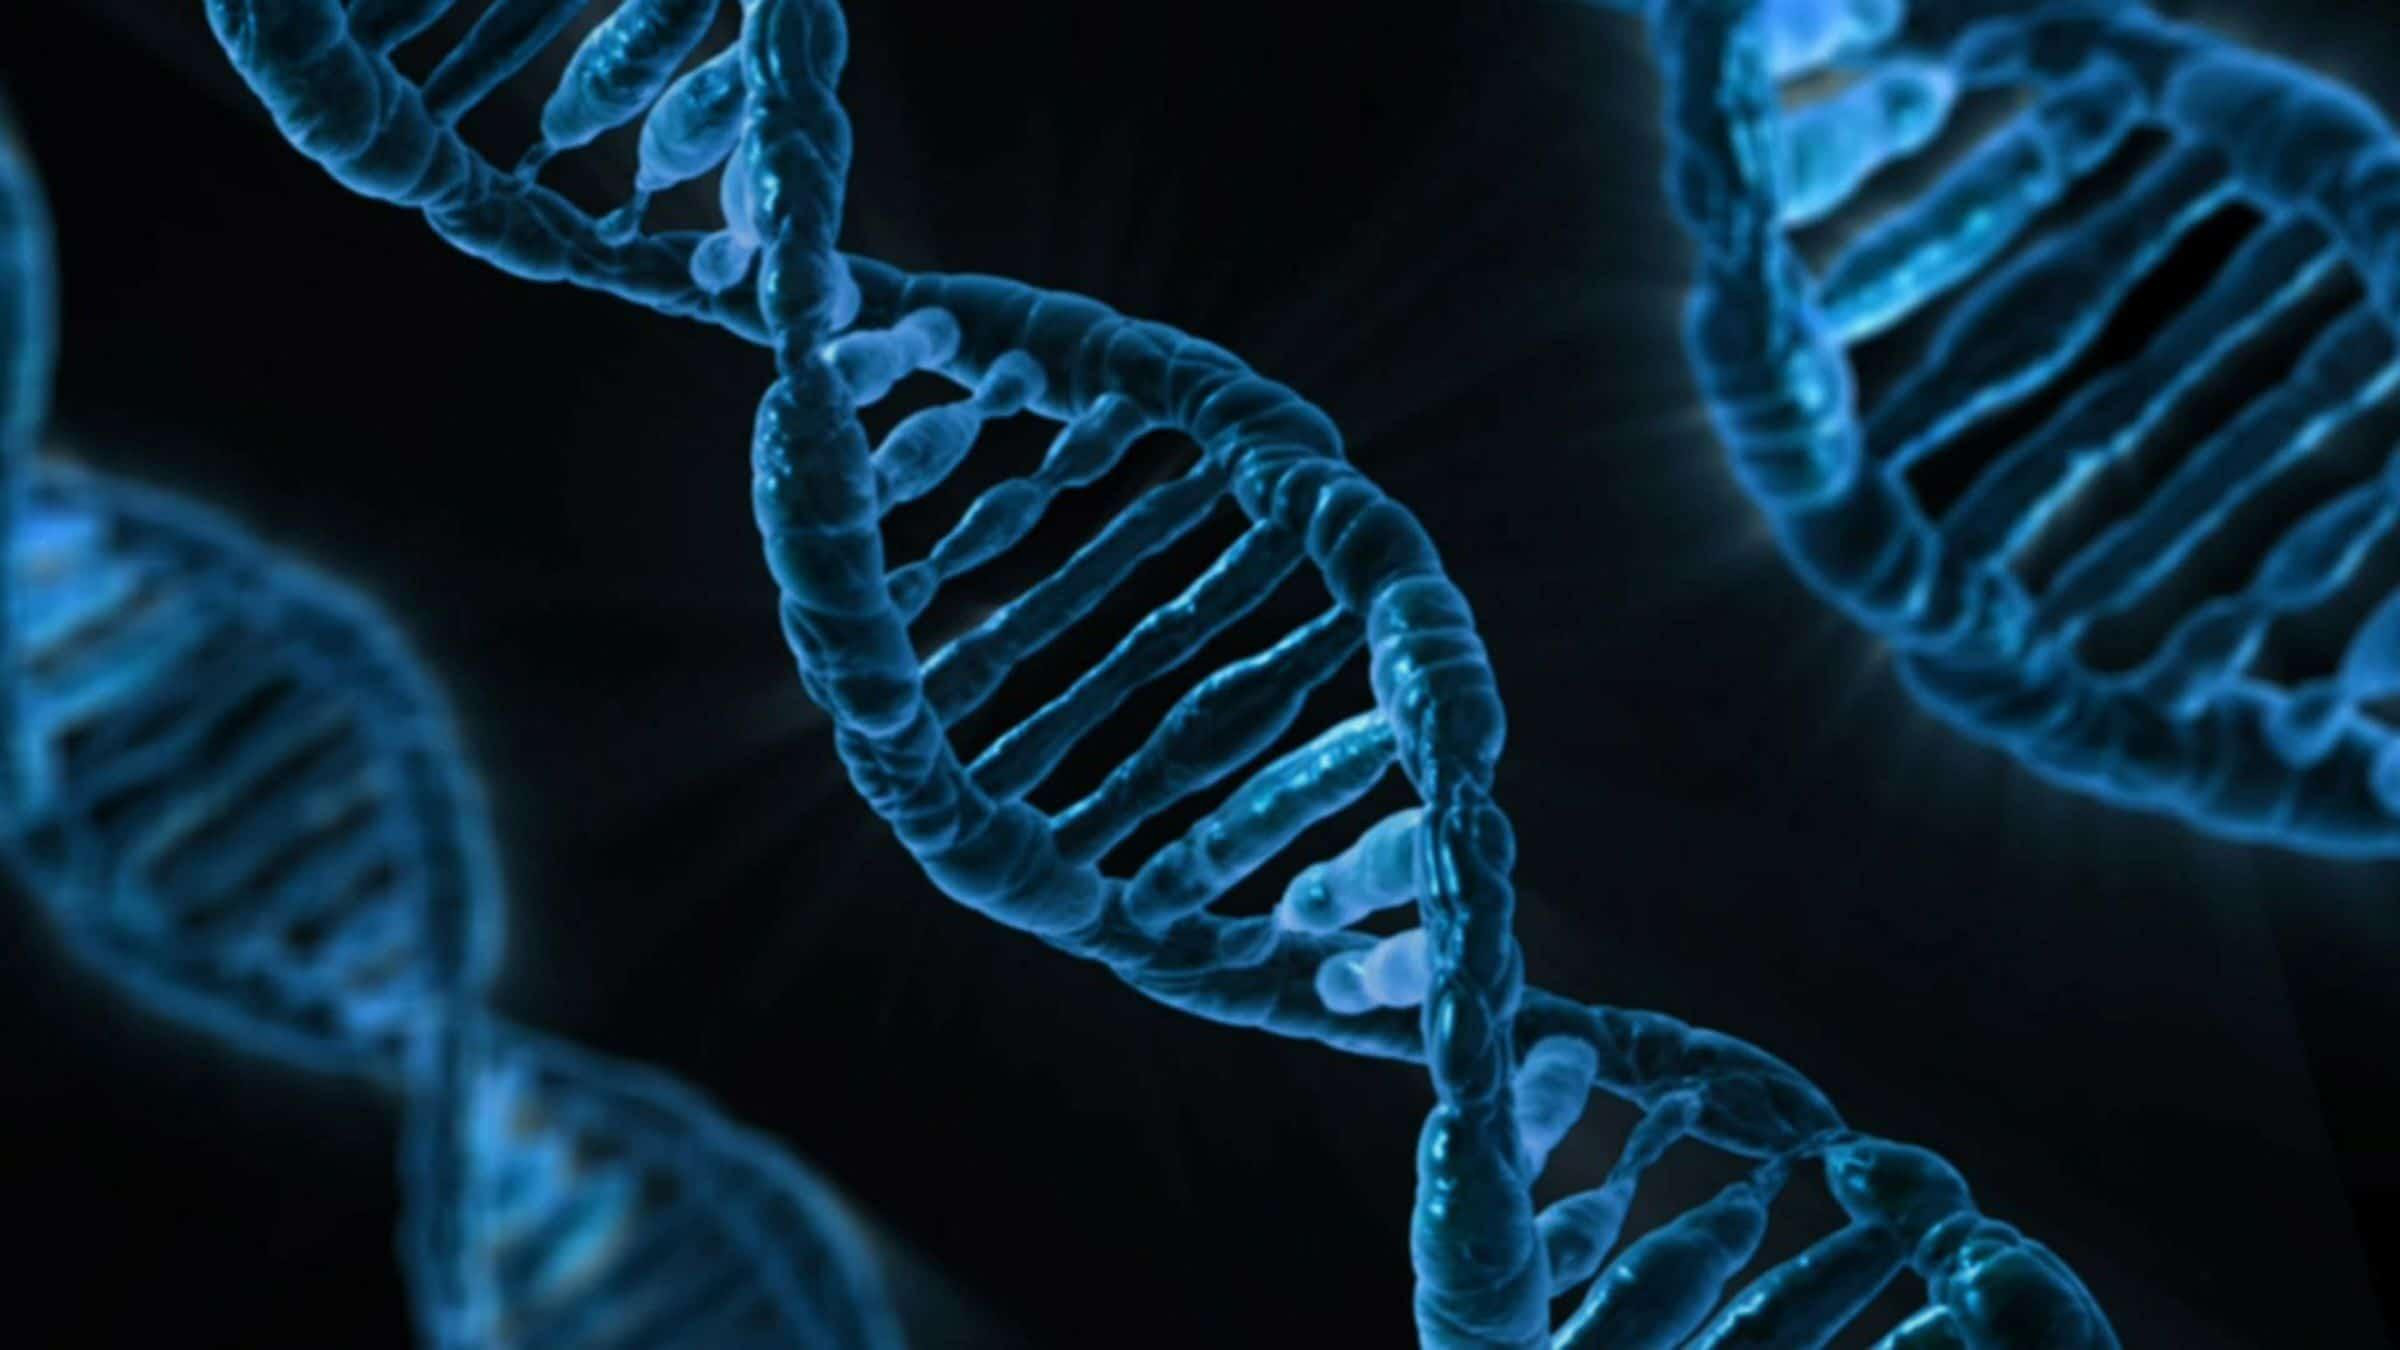 ما هي فوائد الاختبار الوراثي؟